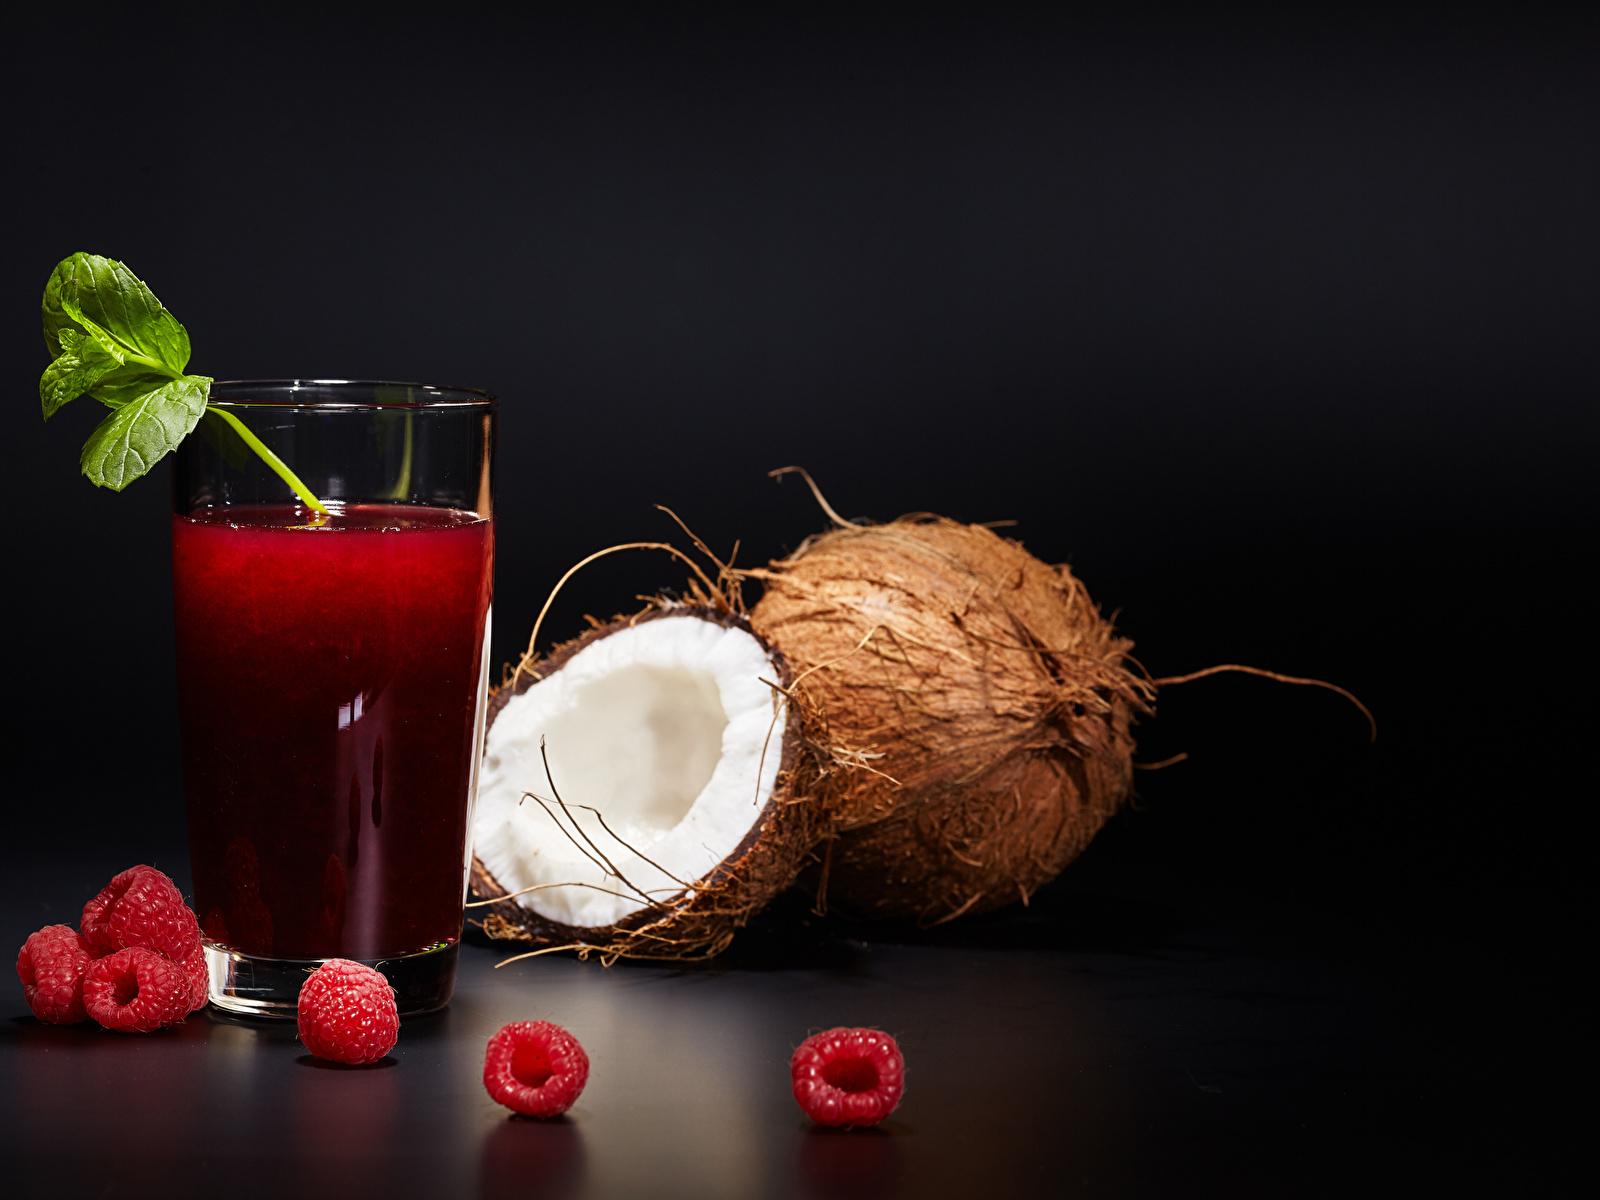 Картинка Сок Малина Кокосы стакана Еда Черный фон 1600x1200 Стакан стакане Пища Продукты питания на черном фоне